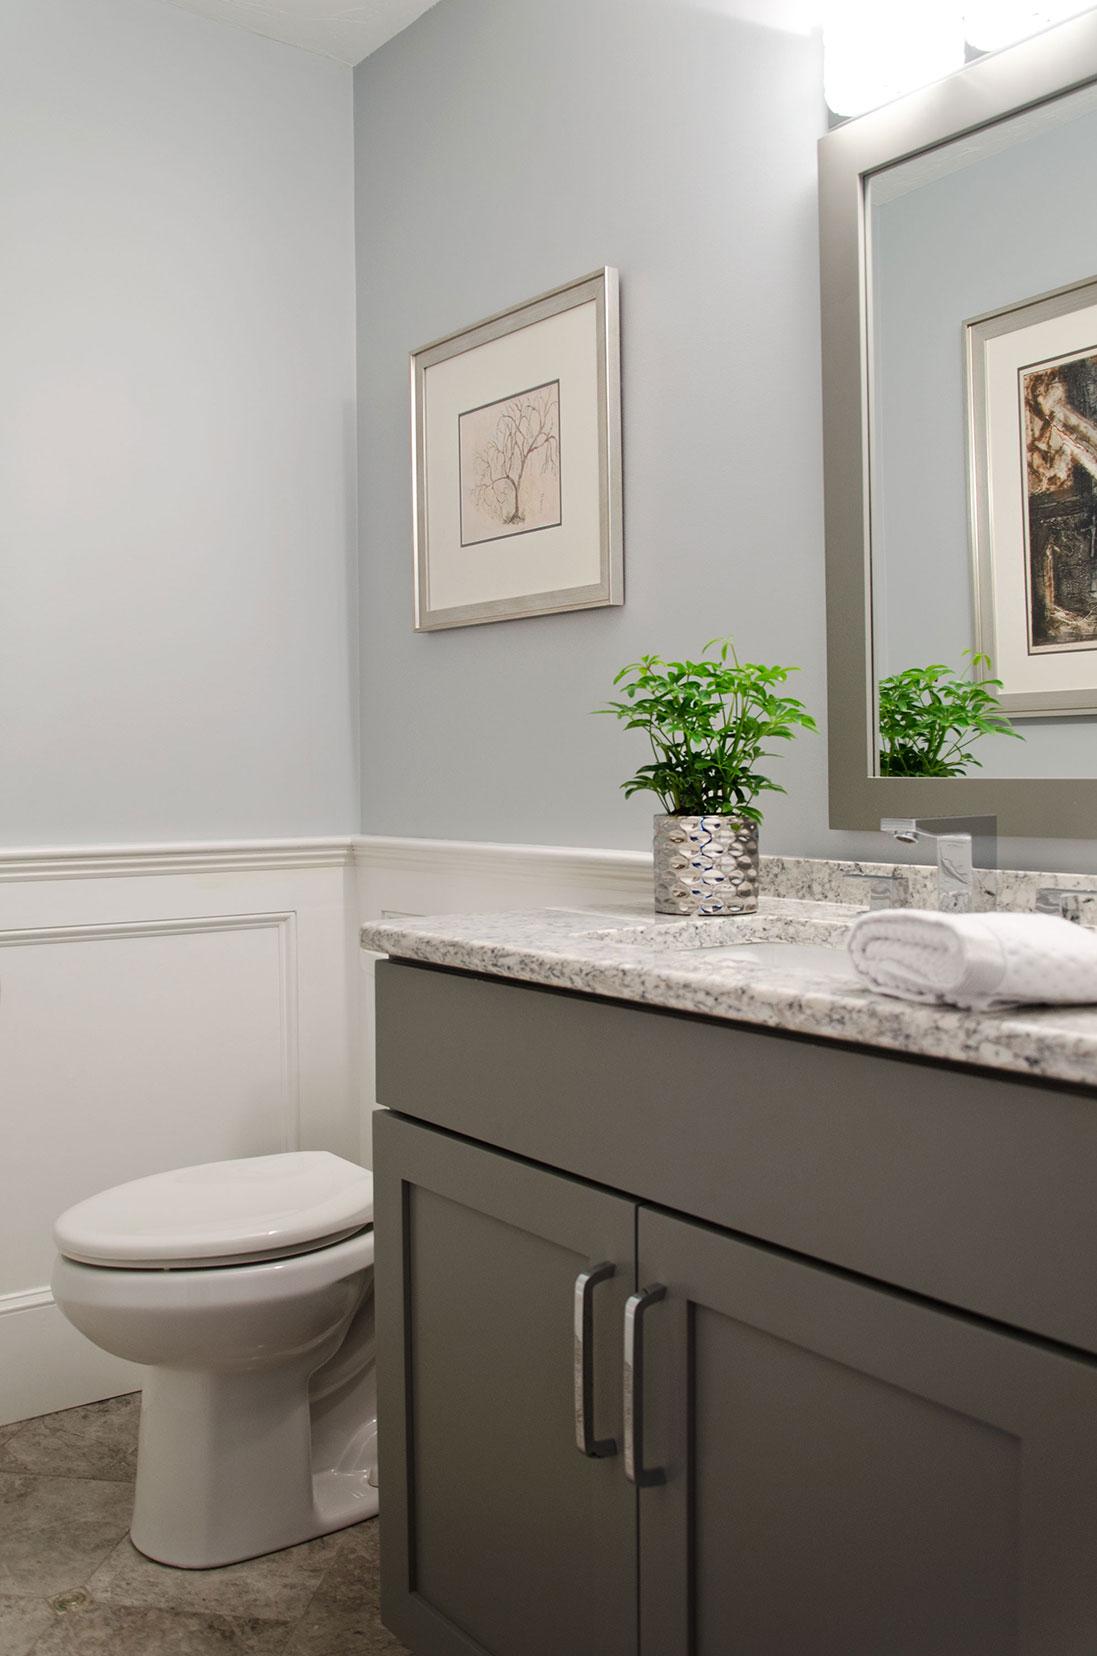 Bathroom interior design by Susan Curtis